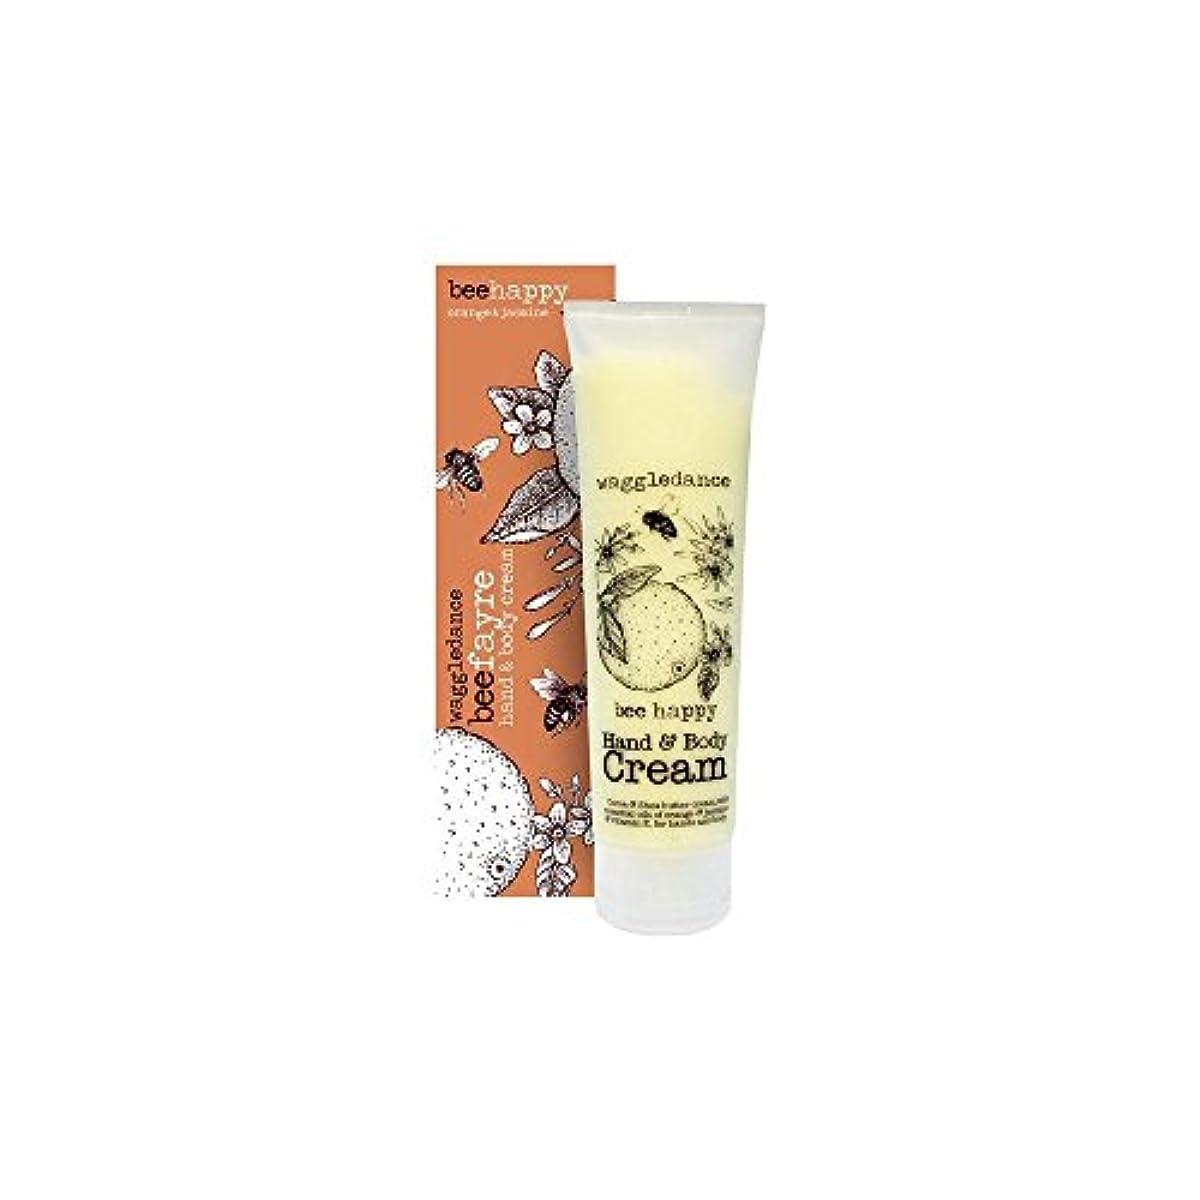 含む同盟時間とともにBeefayre Bee Happy Hand & Body Cream (100ml) Beefayre蜂幸せな手とボディクリーム( 100ミリリットル) [並行輸入品]